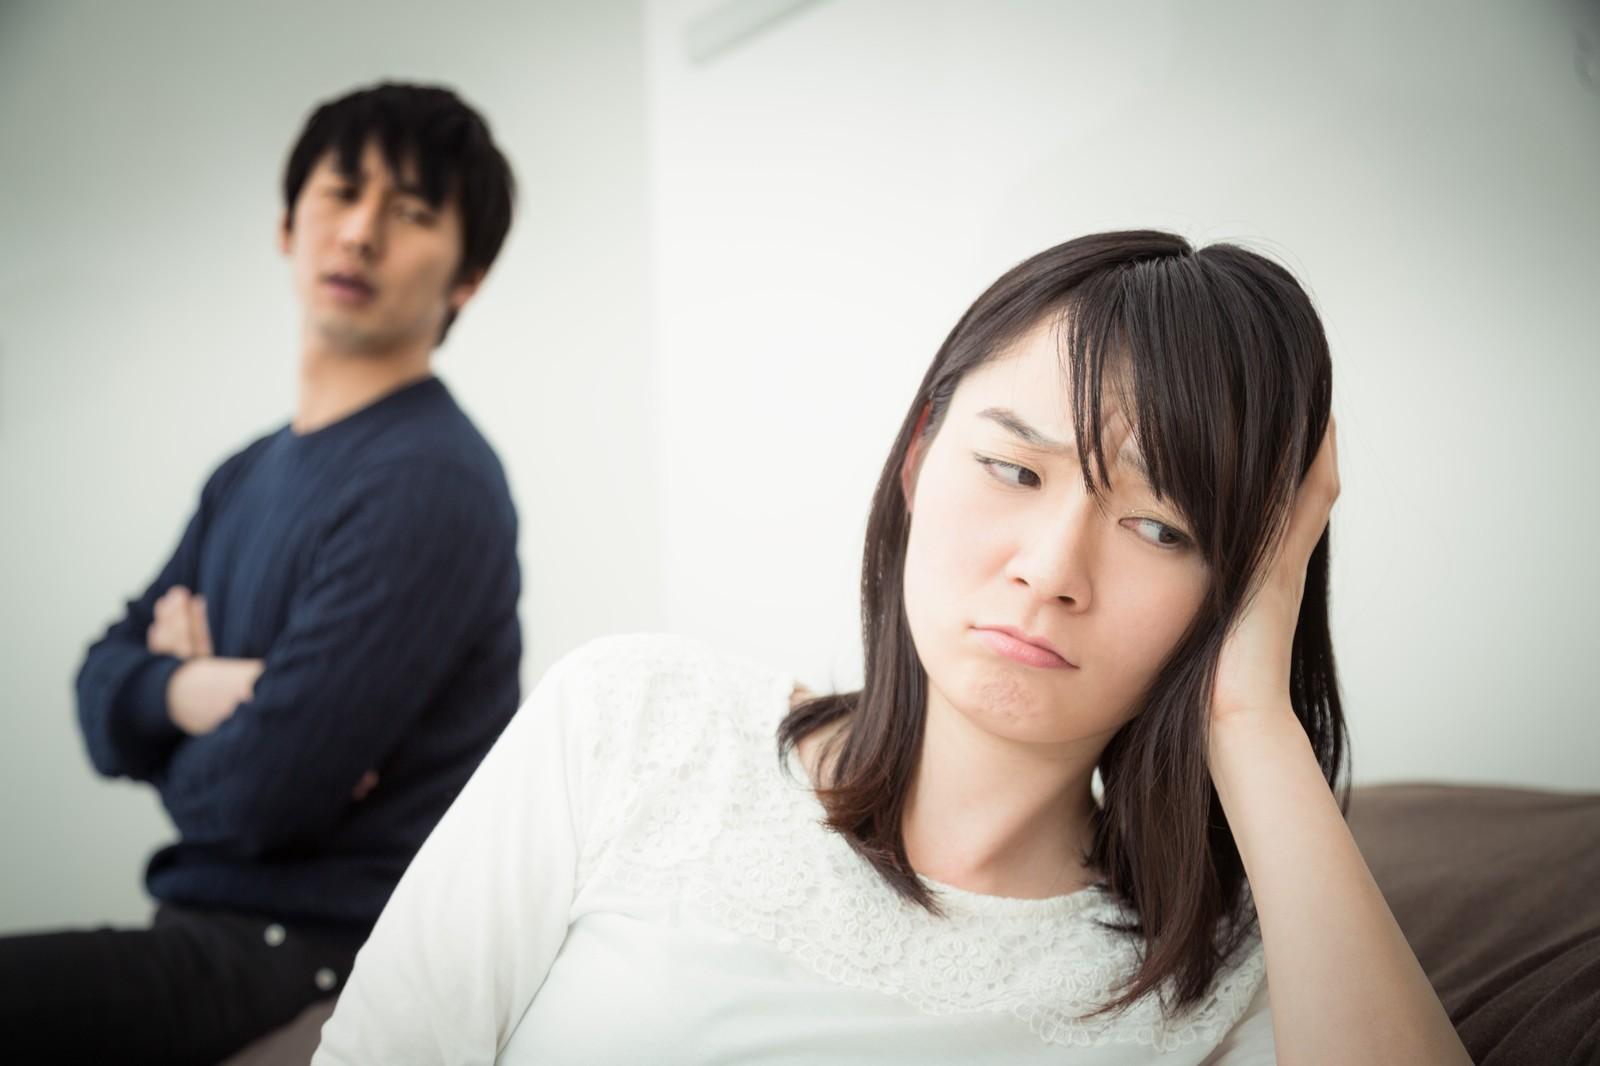 結婚するのはたったの20%!?同棲がうまくいかない理由のサムネイル